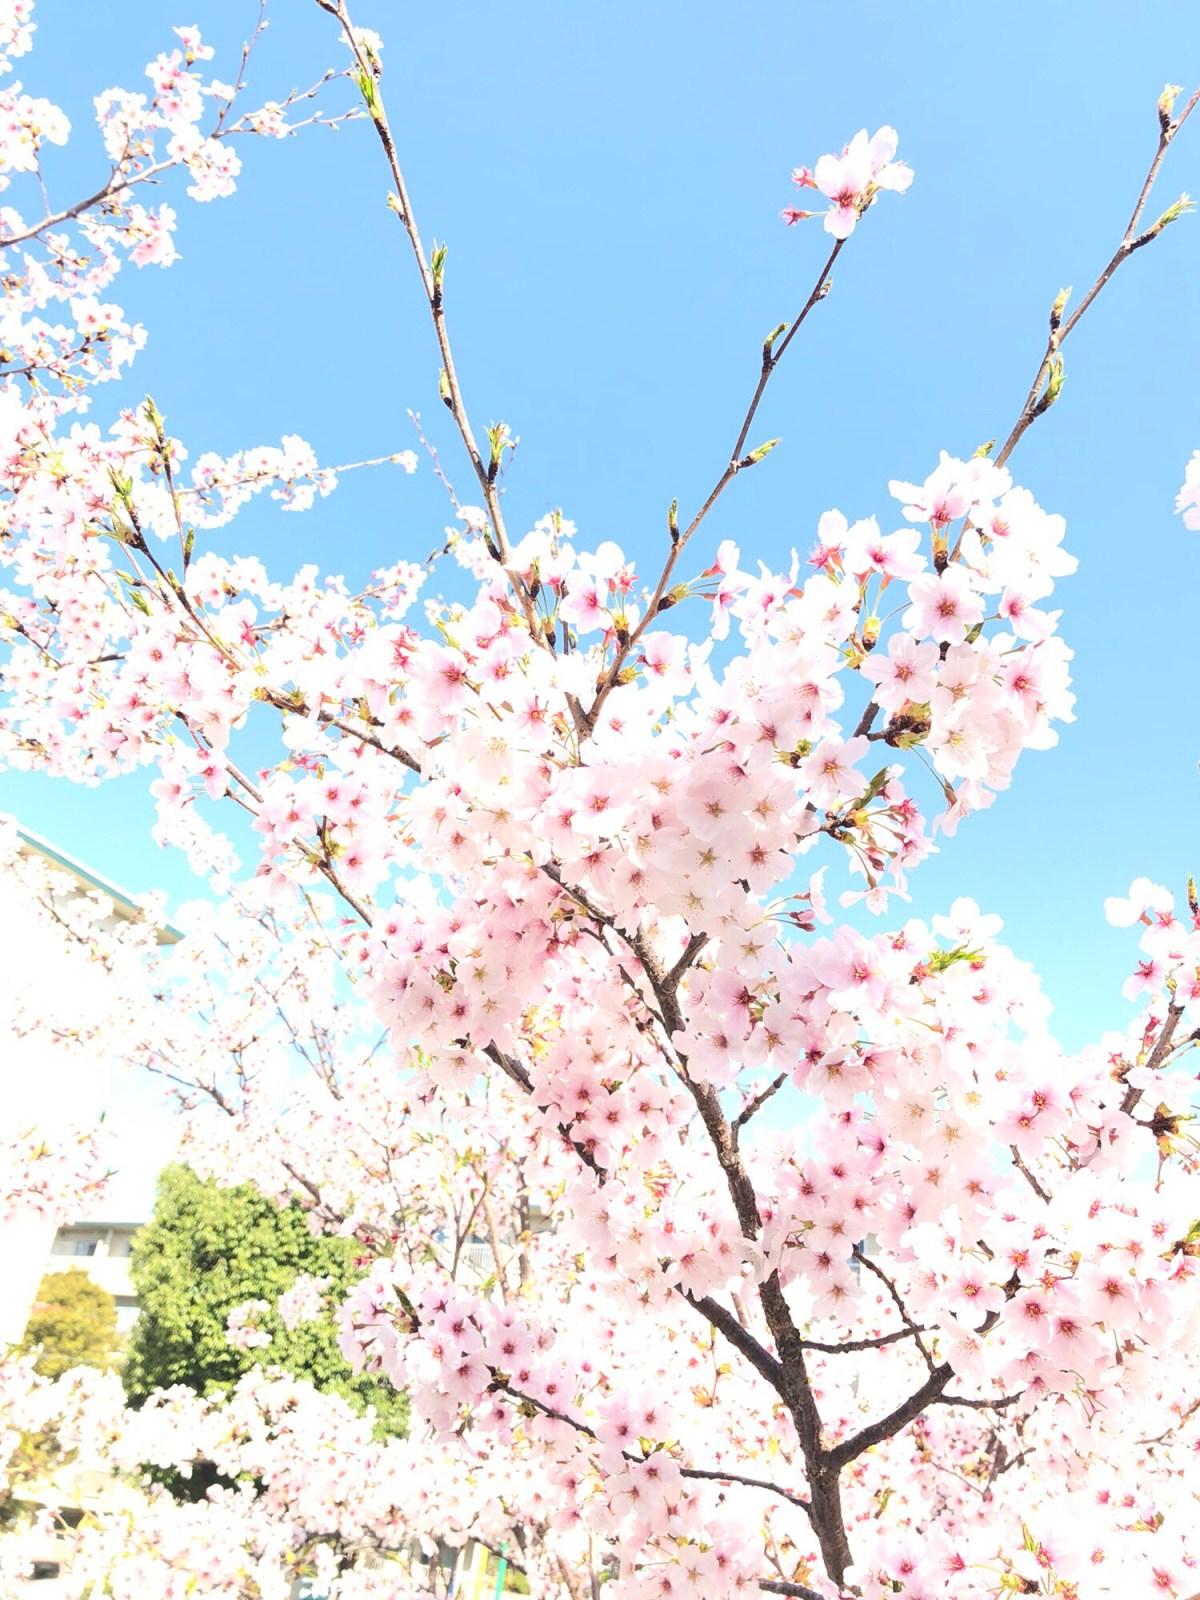 桜を見るなら今ですよ!